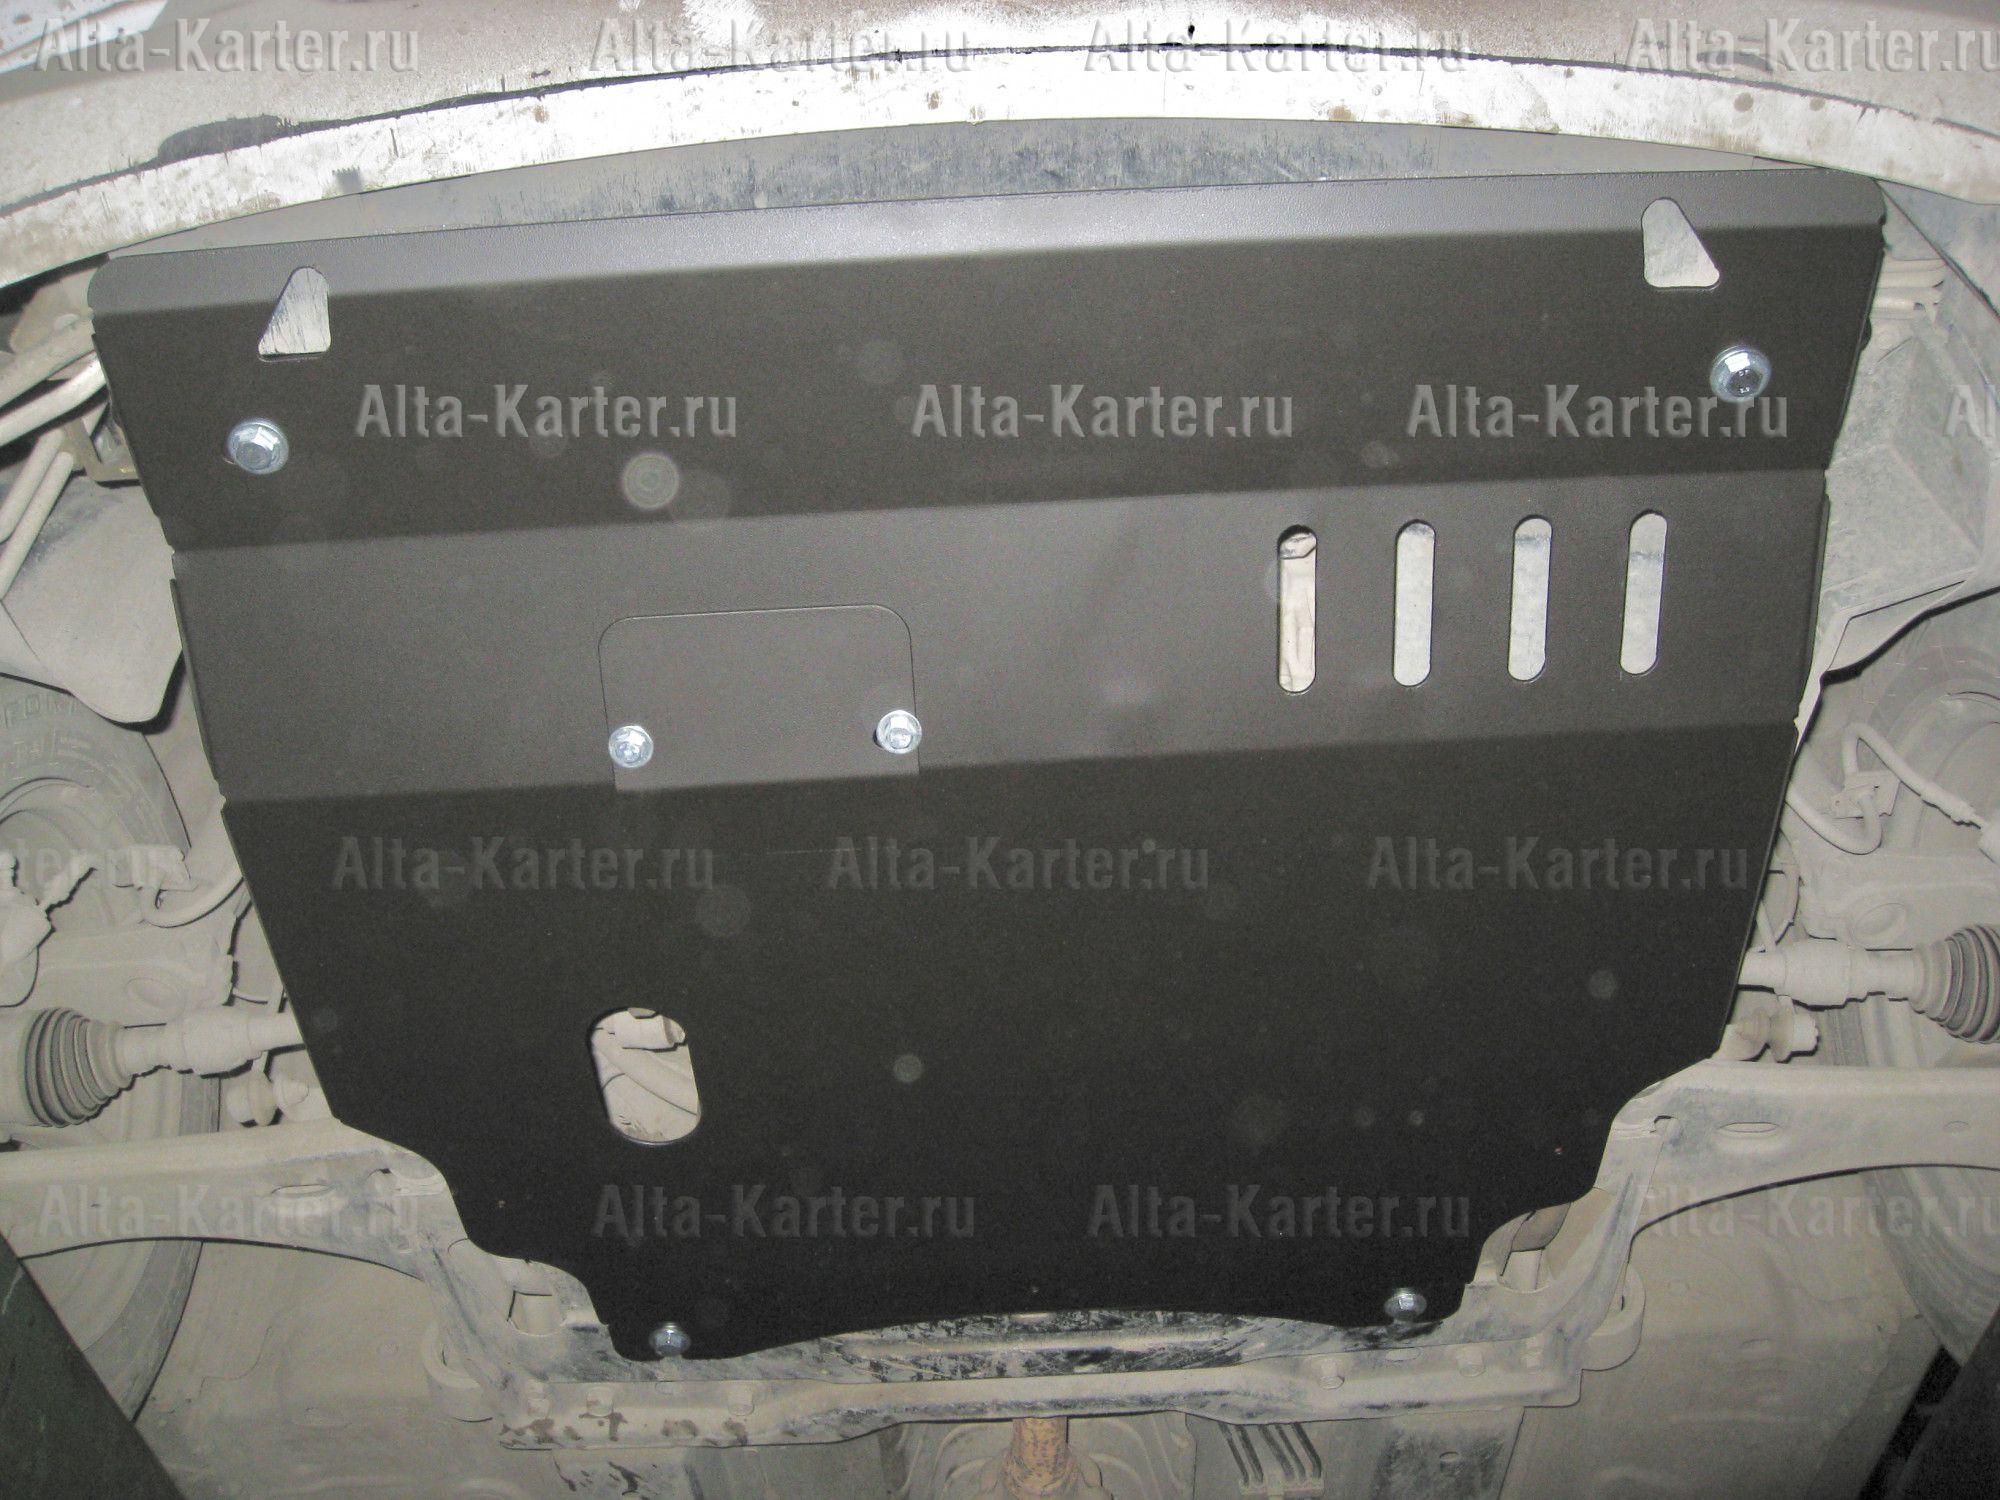 Защита Alfeco для картера и КПП Mazda Demio II DY 2002-2007. Артикул ALF.13.17